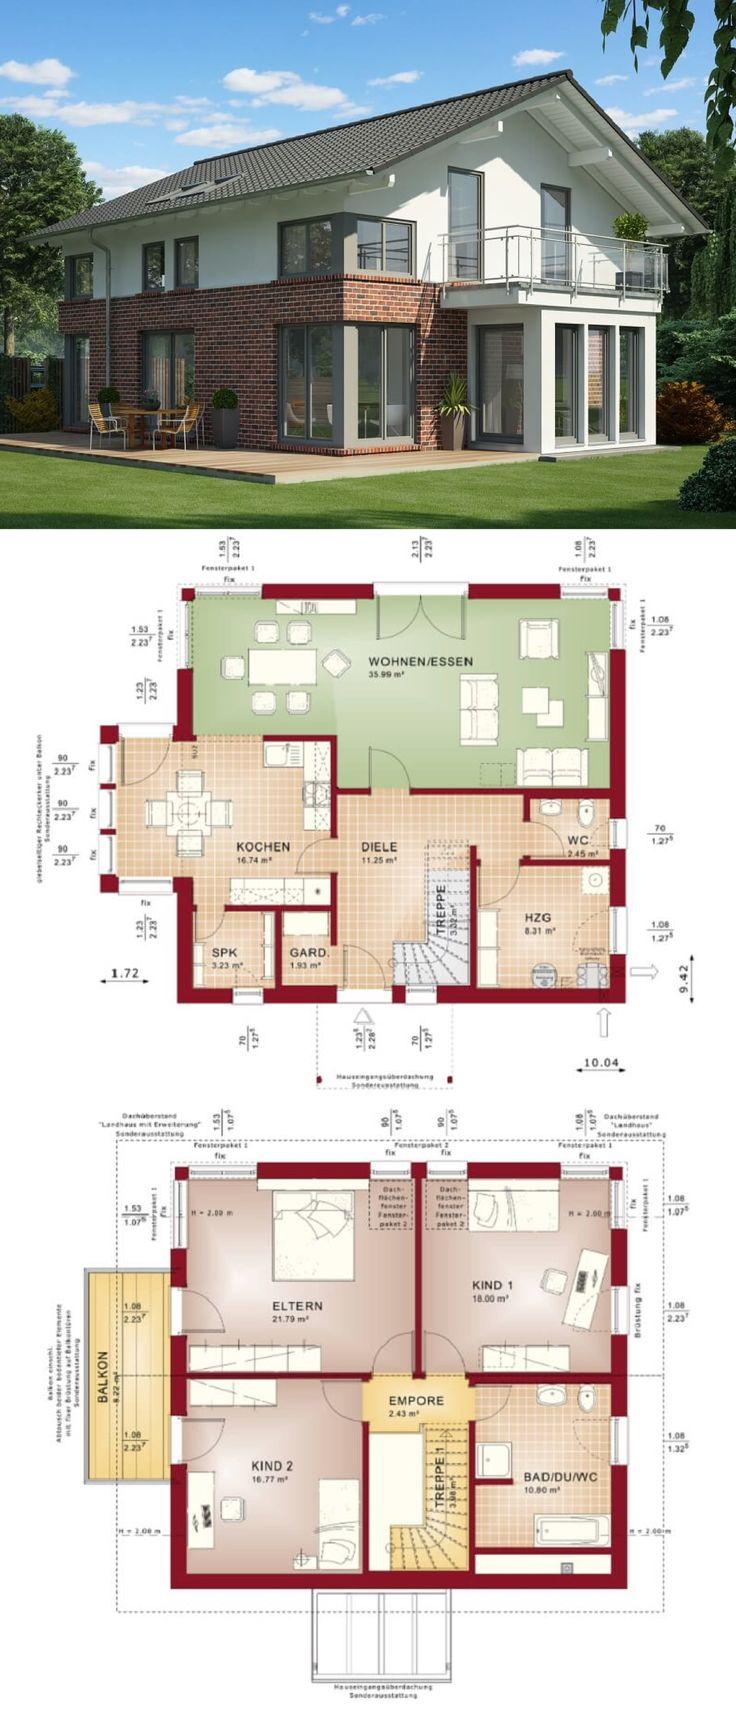 Vor und nach der renovierung des hauses  best haus images on pinterest  attic spaces dream houses and